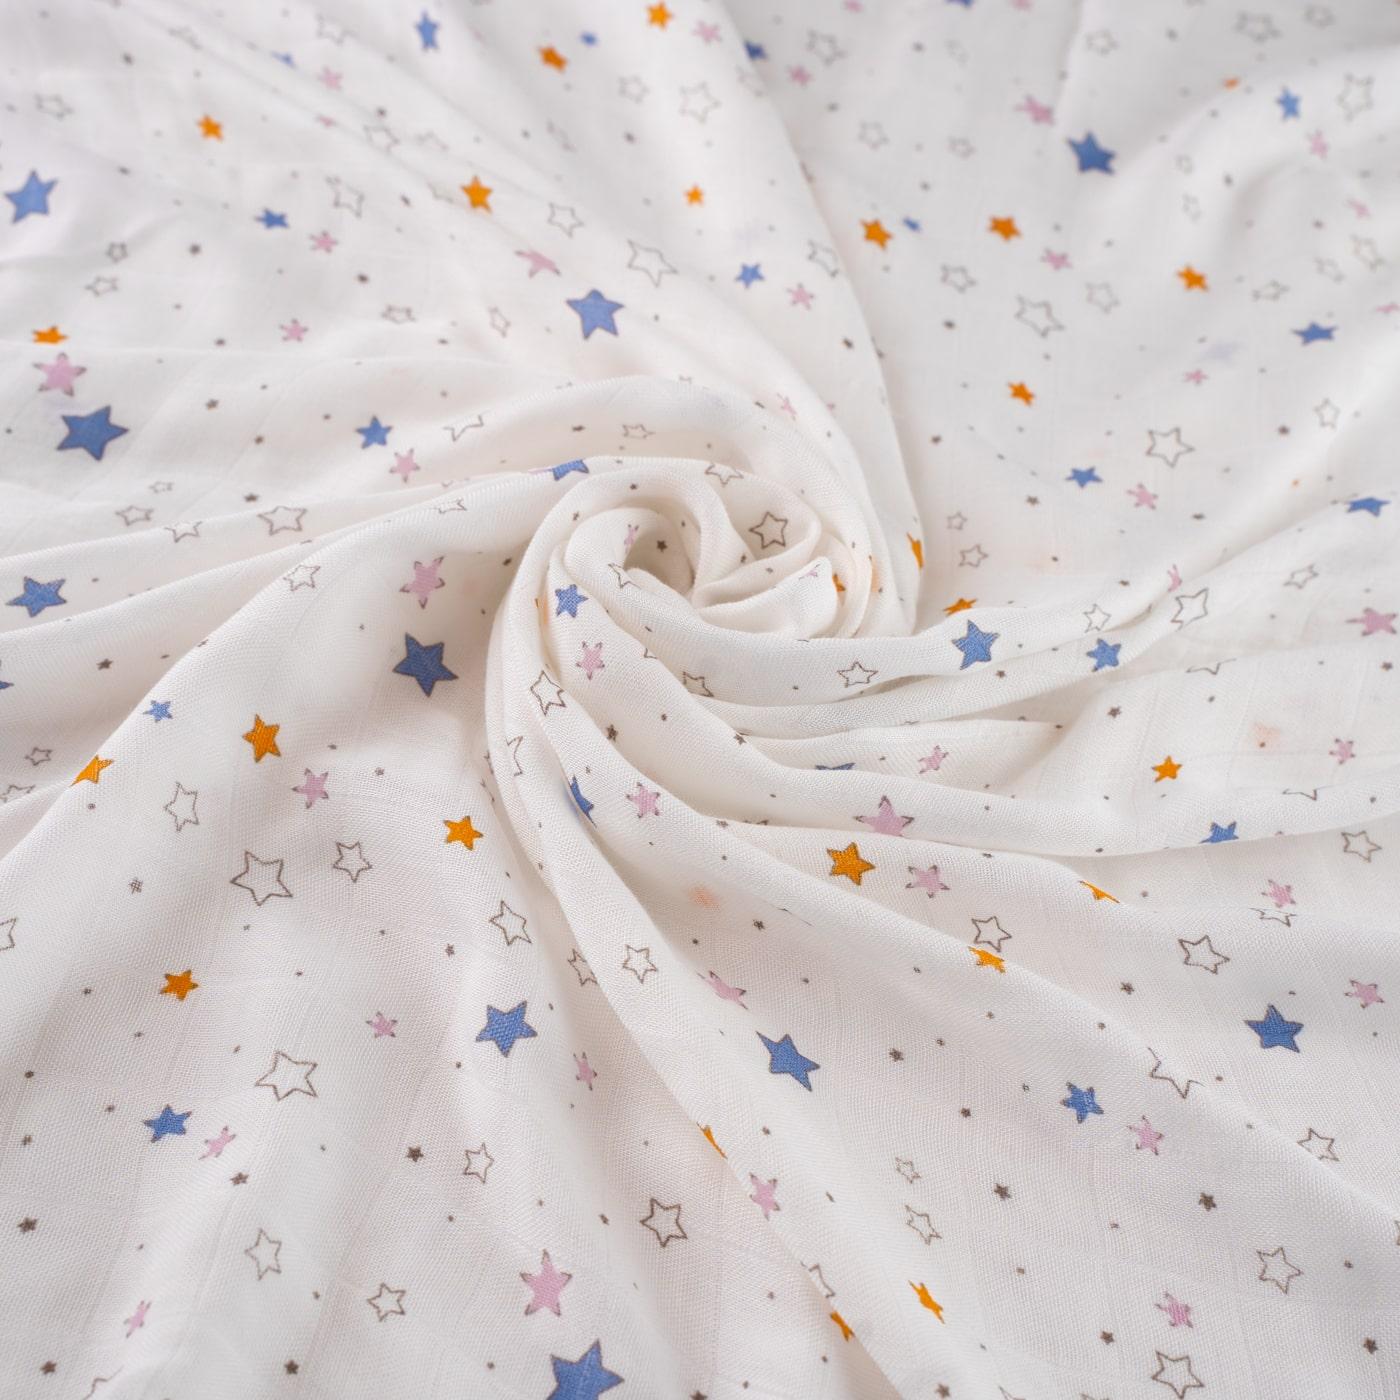 Салфетки из муслина отрыжки - Звезды